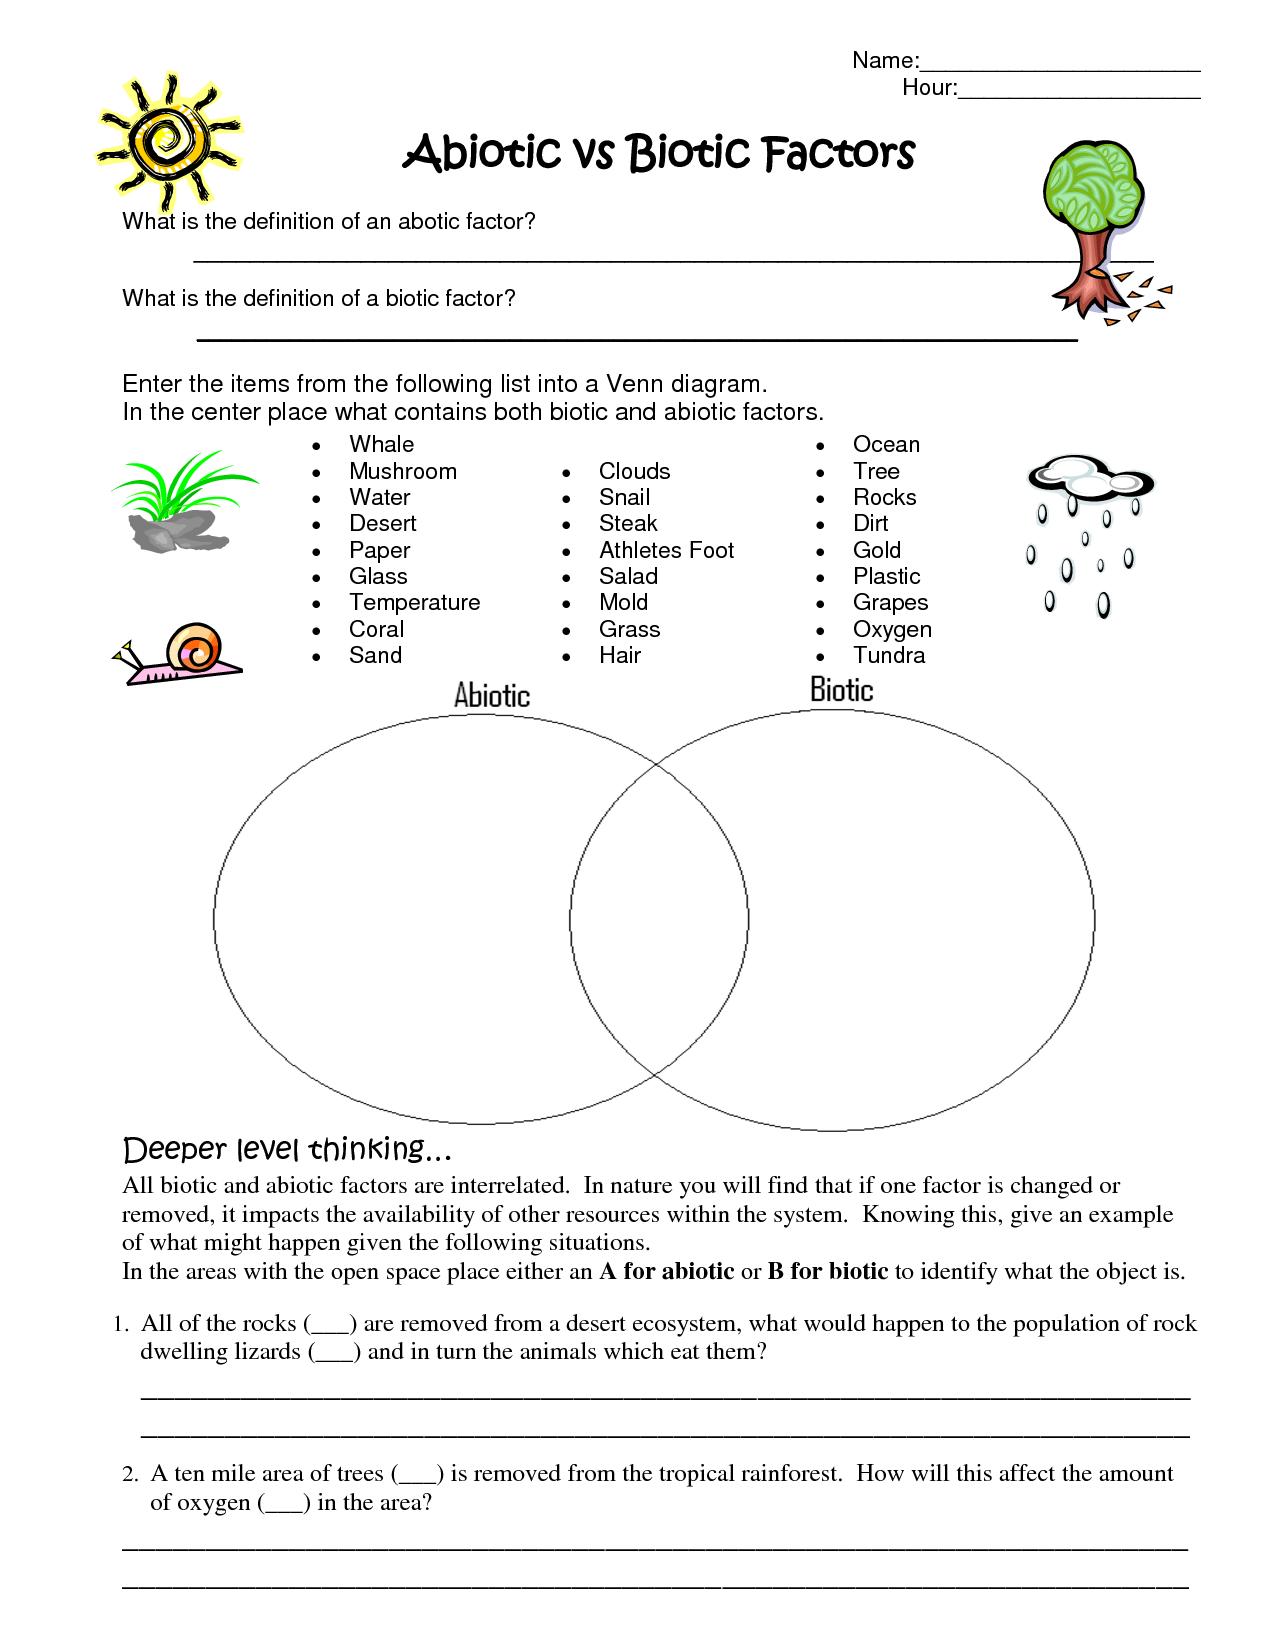 Understanding Why Something Is Classified As Biotic Or Abiotic   Science  worksheets [ 1650 x 1275 Pixel ]